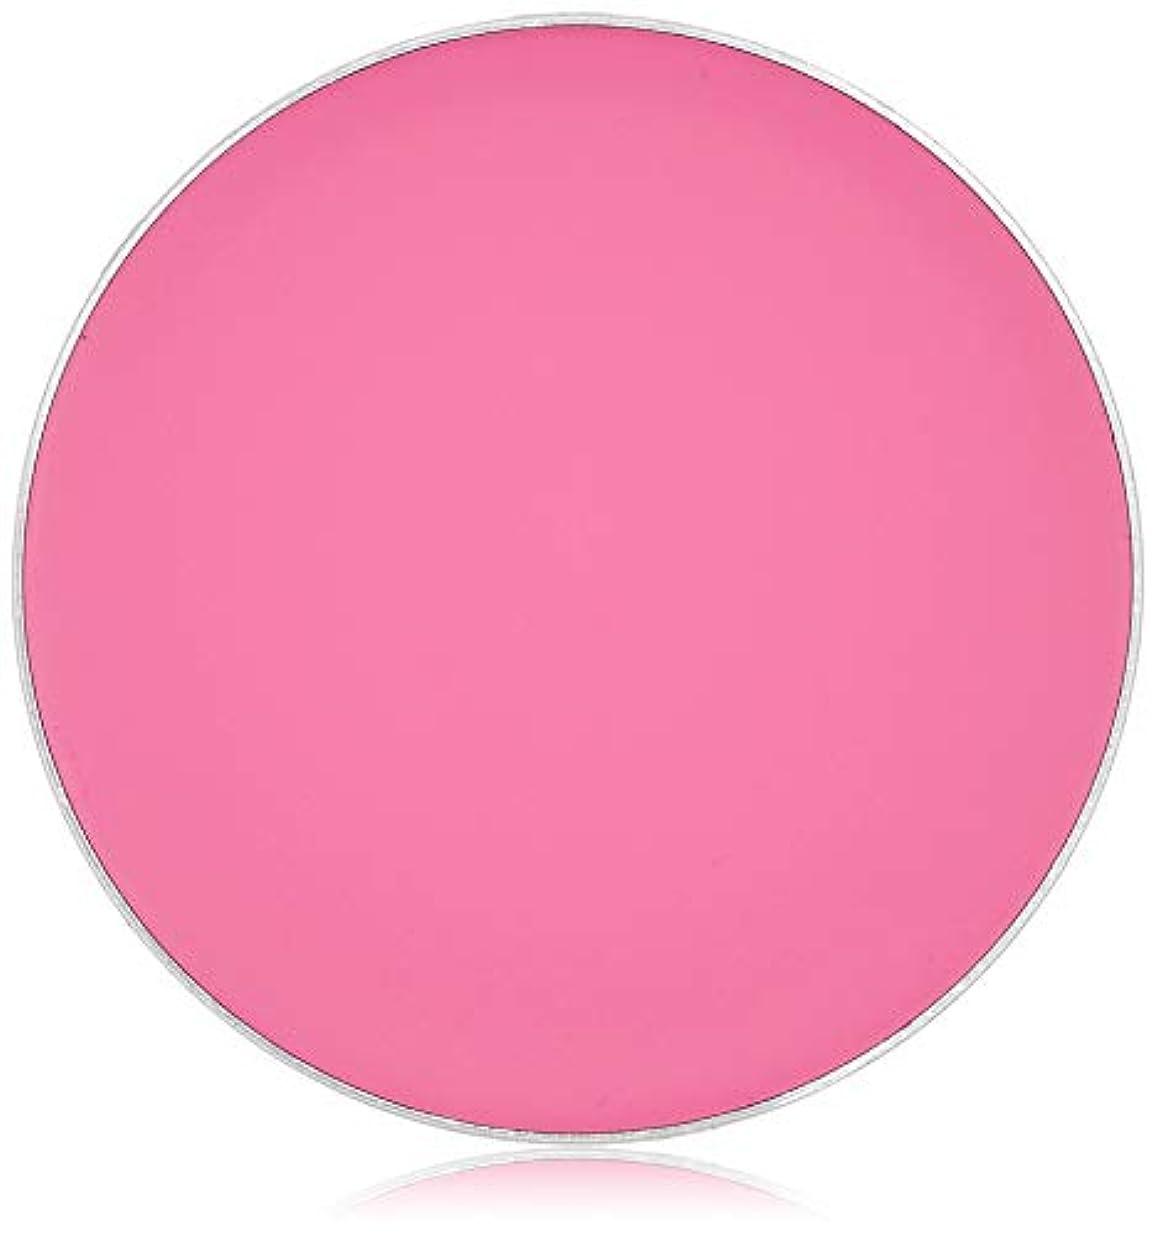 農奴パール投げ捨てるキッカ フローレスグロウ フラッシュブラッシュ 07 肌をより明るく際立たせる、鮮やかな青みピンク。 チーク